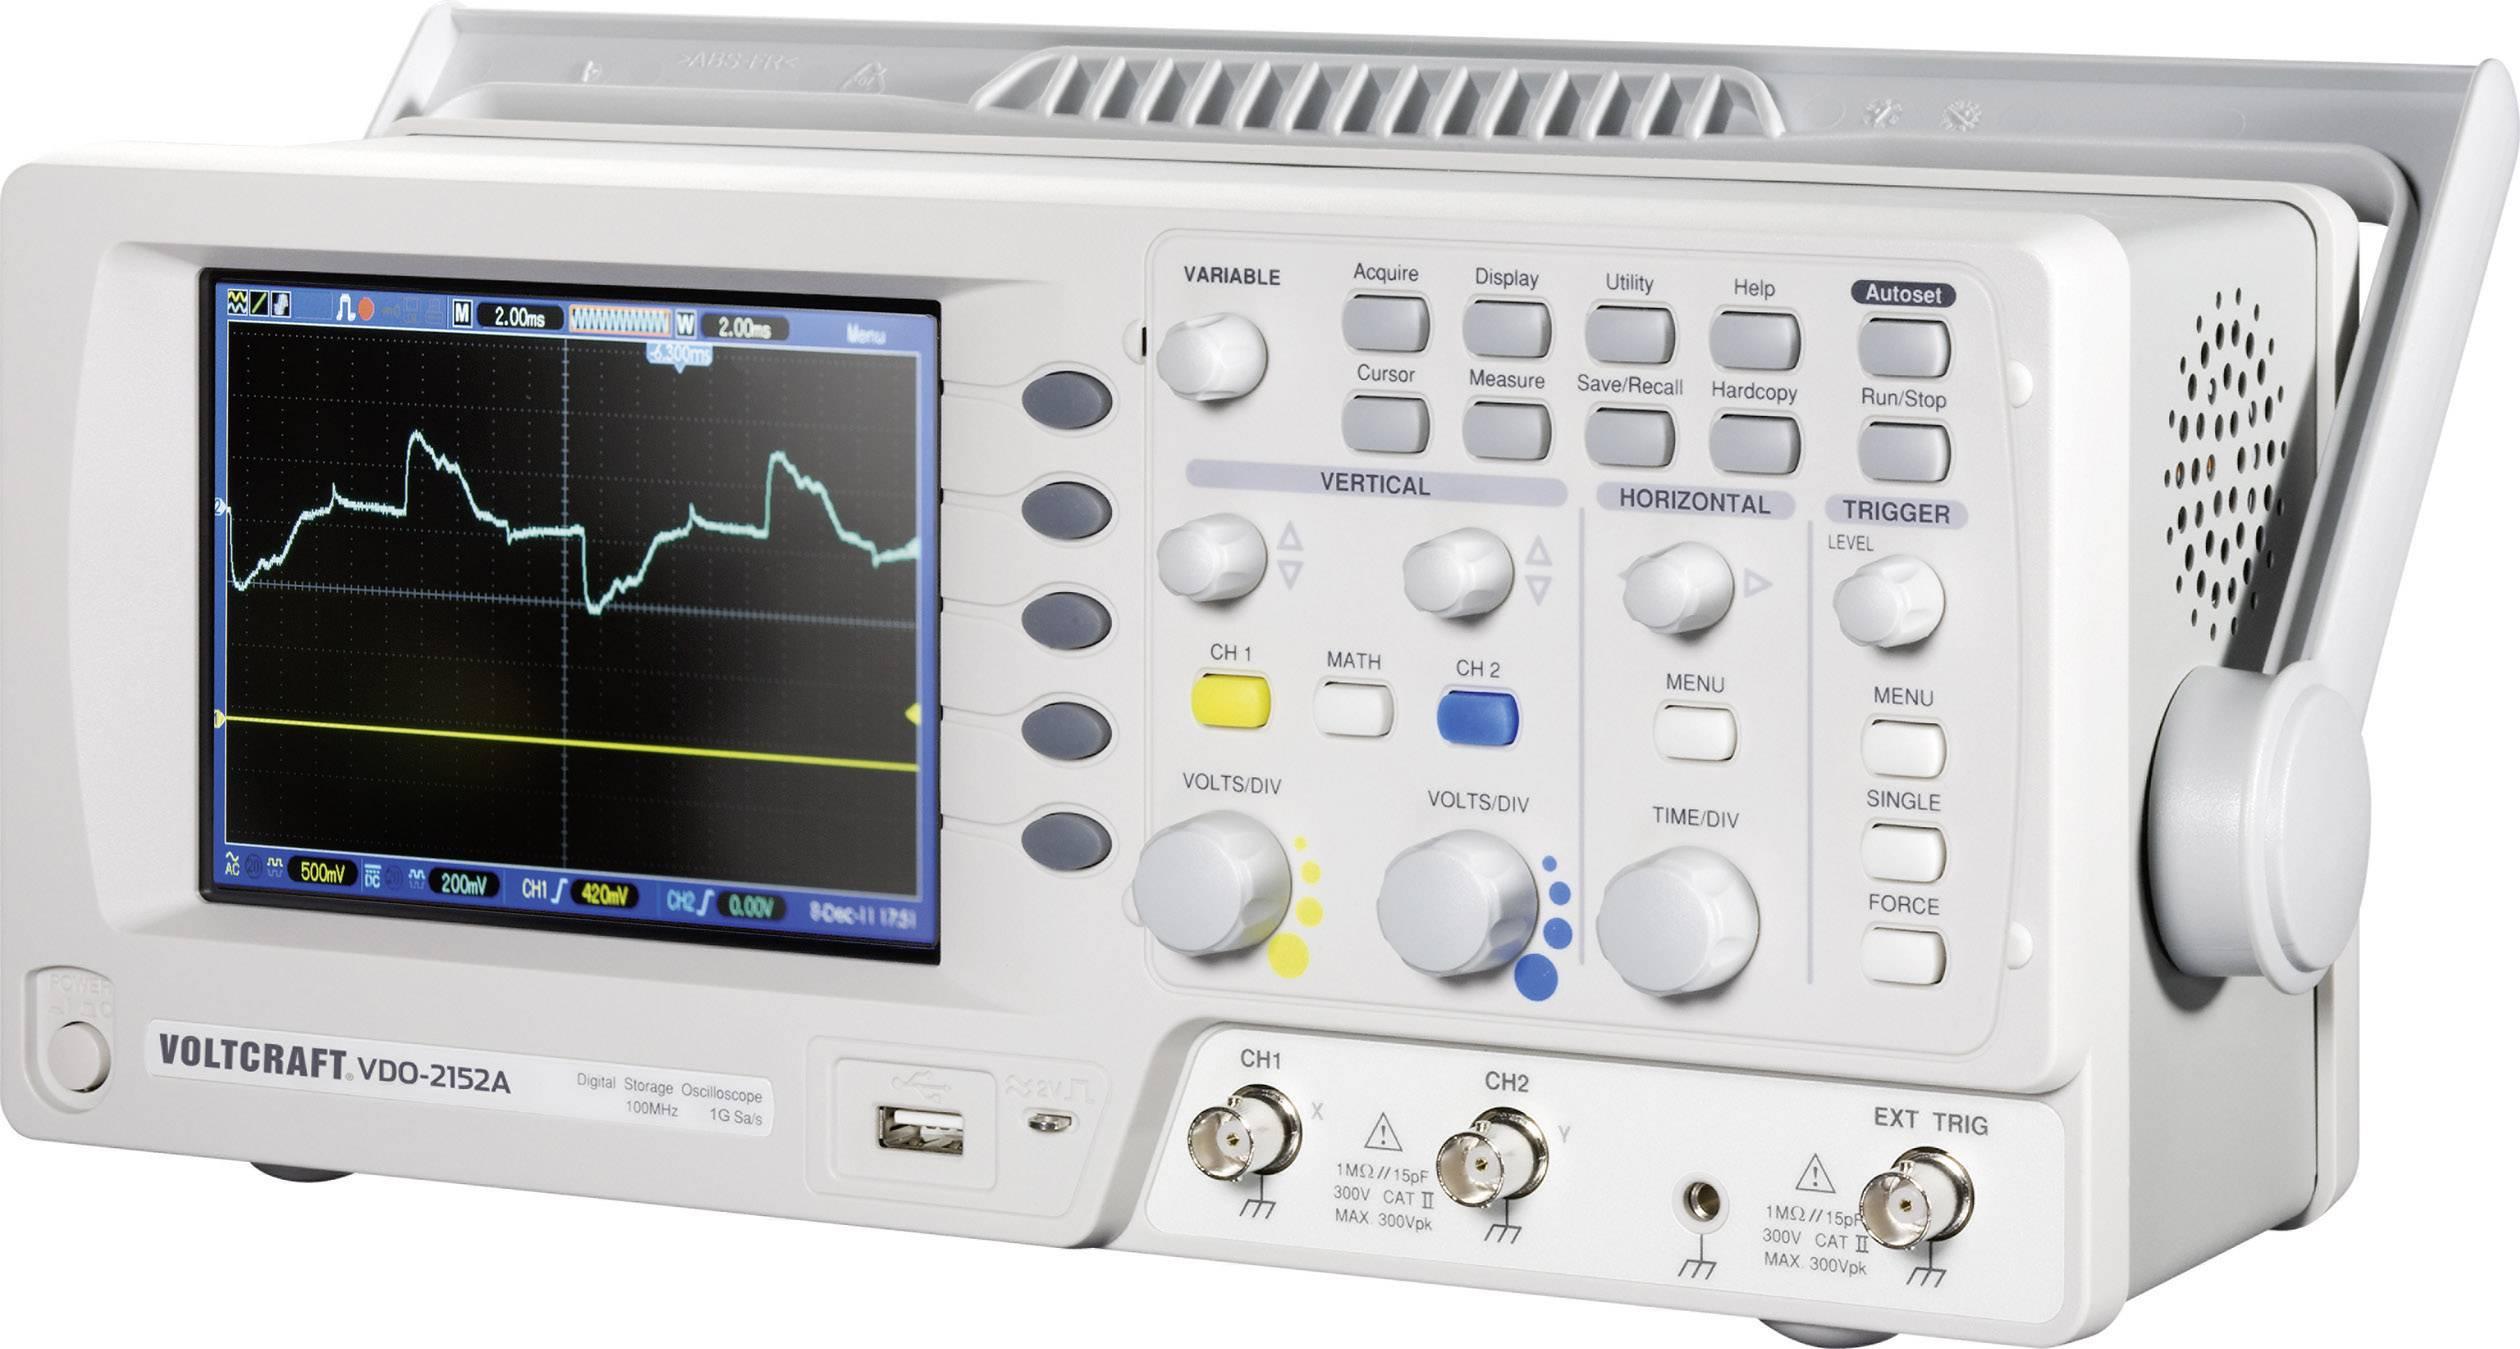 Digitálny osciloskop VOLTCRAFT VDO-2152A, 150 MHz, 2-kanálový